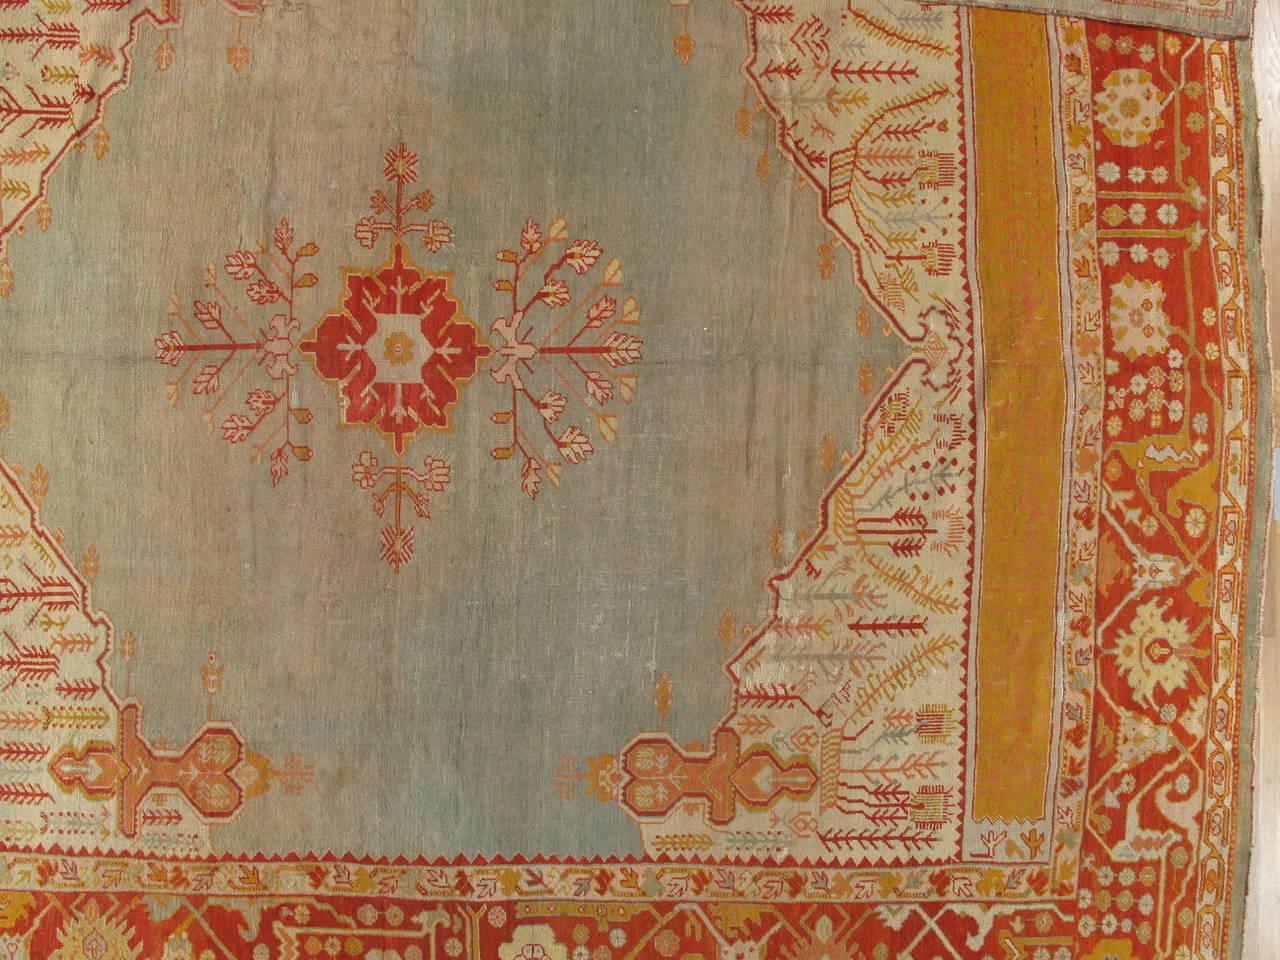 Antiker Handgefertigter Orientalischer Oushak Teppich in Hellgrün, Gelb, Koralle 8